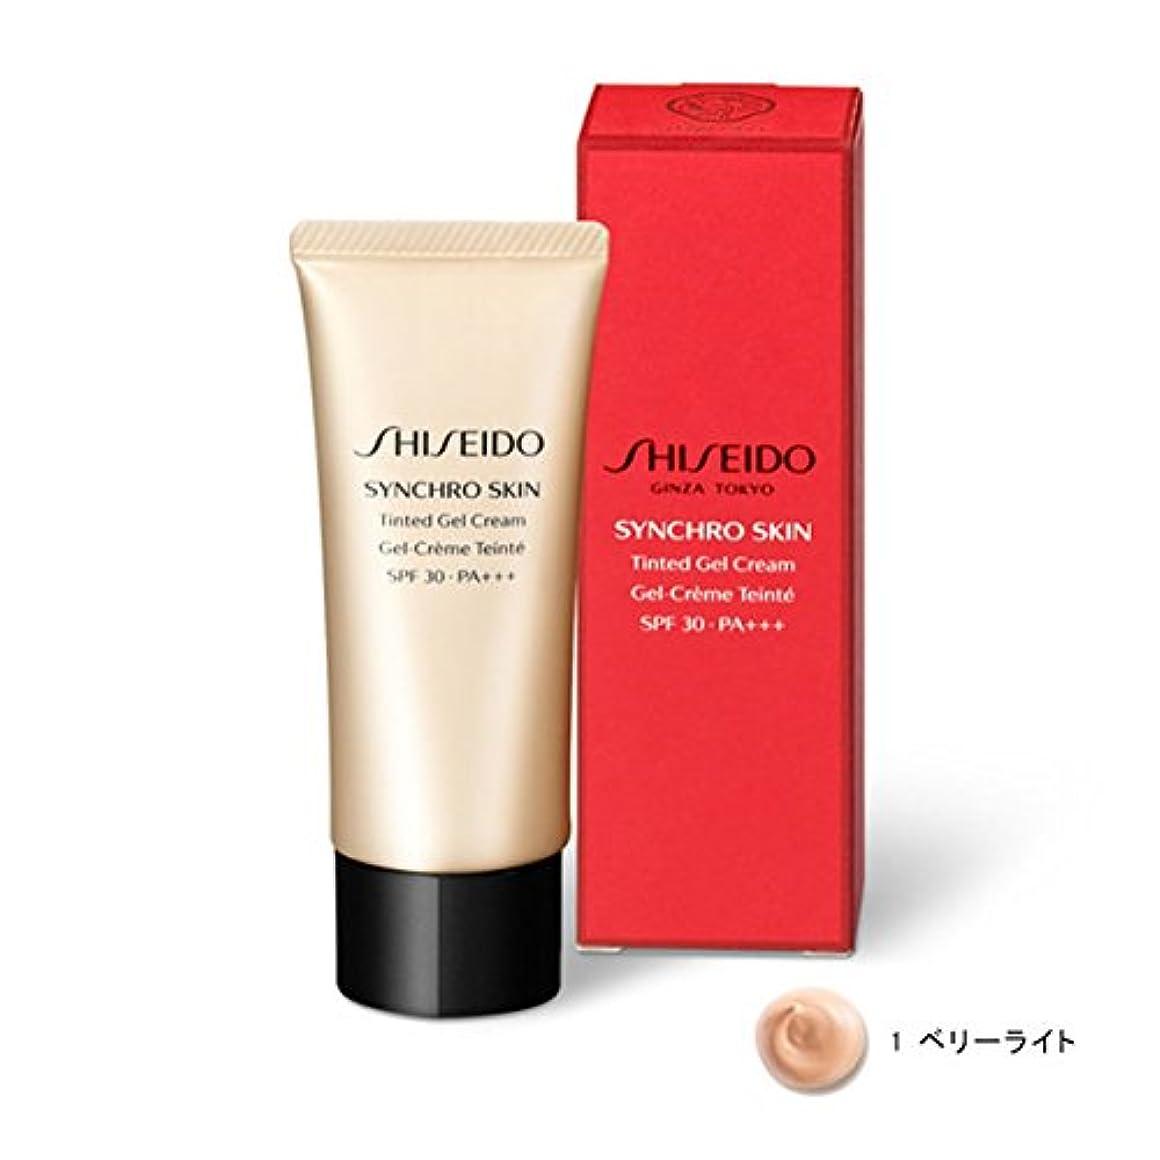 突然の吹雪麦芽SHISEIDO Makeup(資生堂 メーキャップ) SHISEIDO(資生堂) シンクロスキン ティンティッド ジェルクリーム (1 ベリーライト)